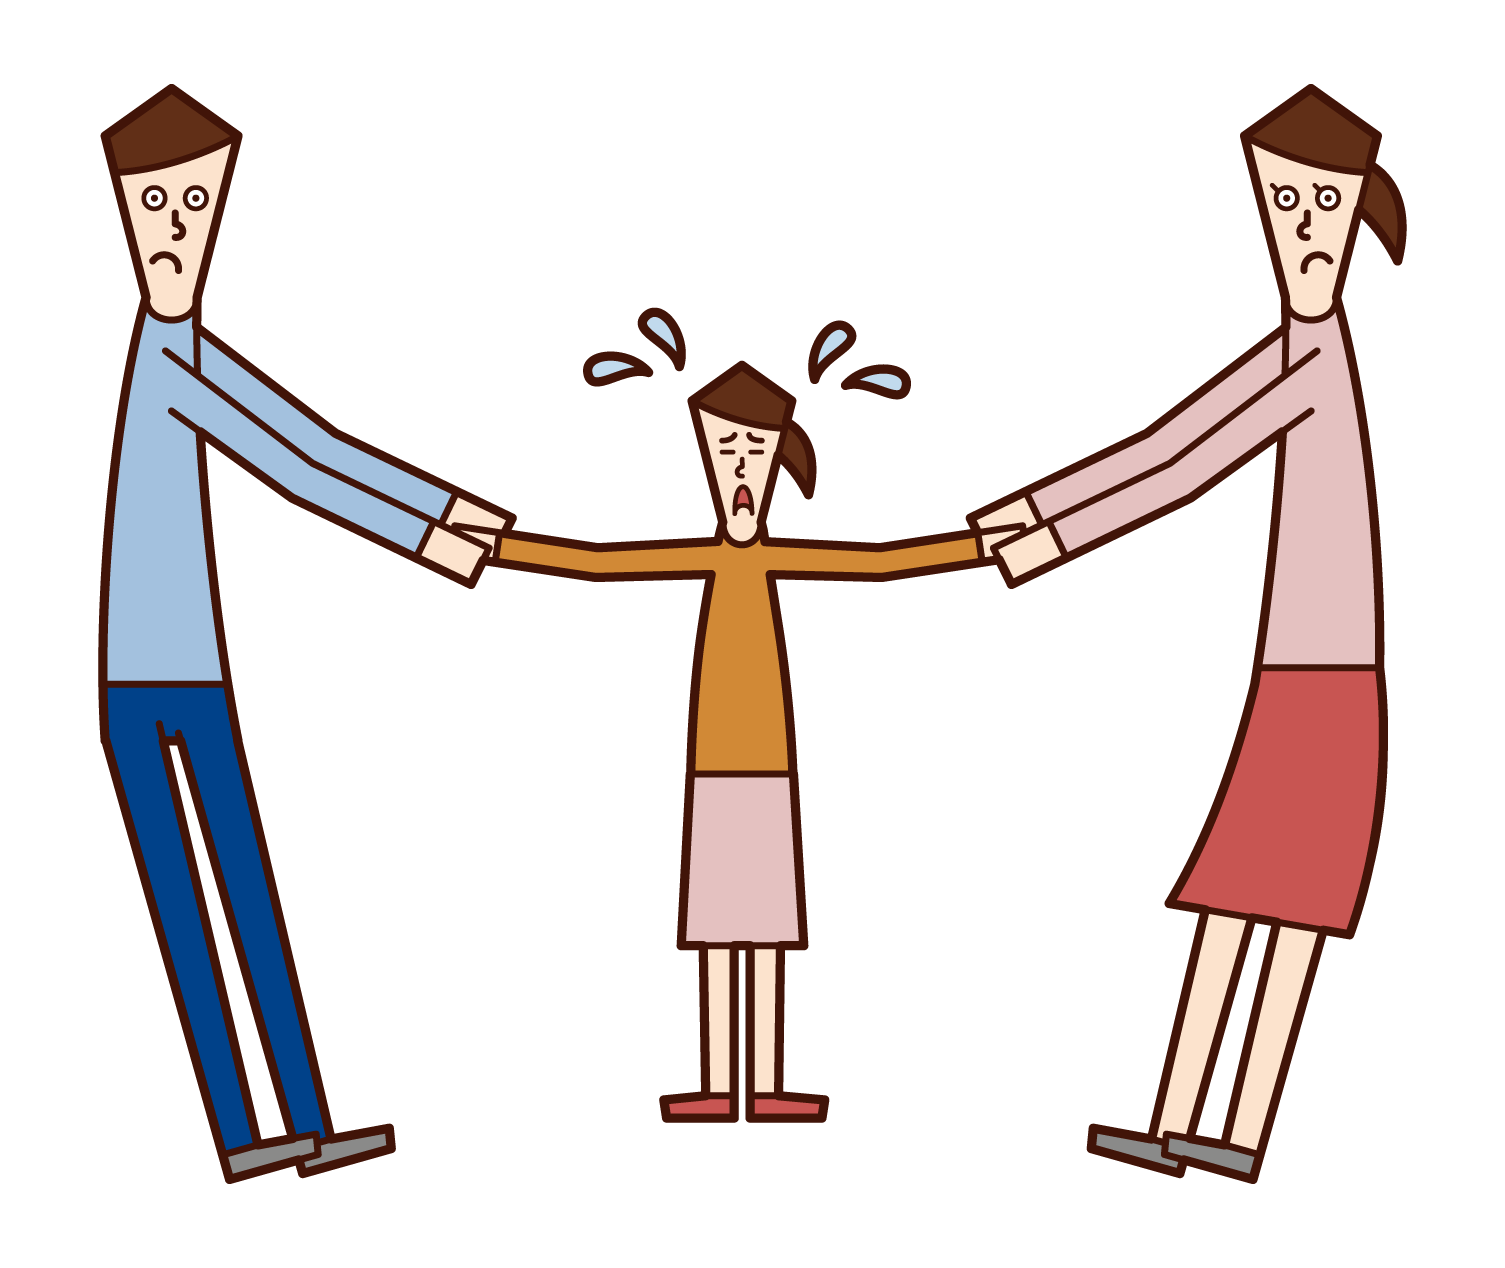 親権争い・子供を取り合う親のイラスト